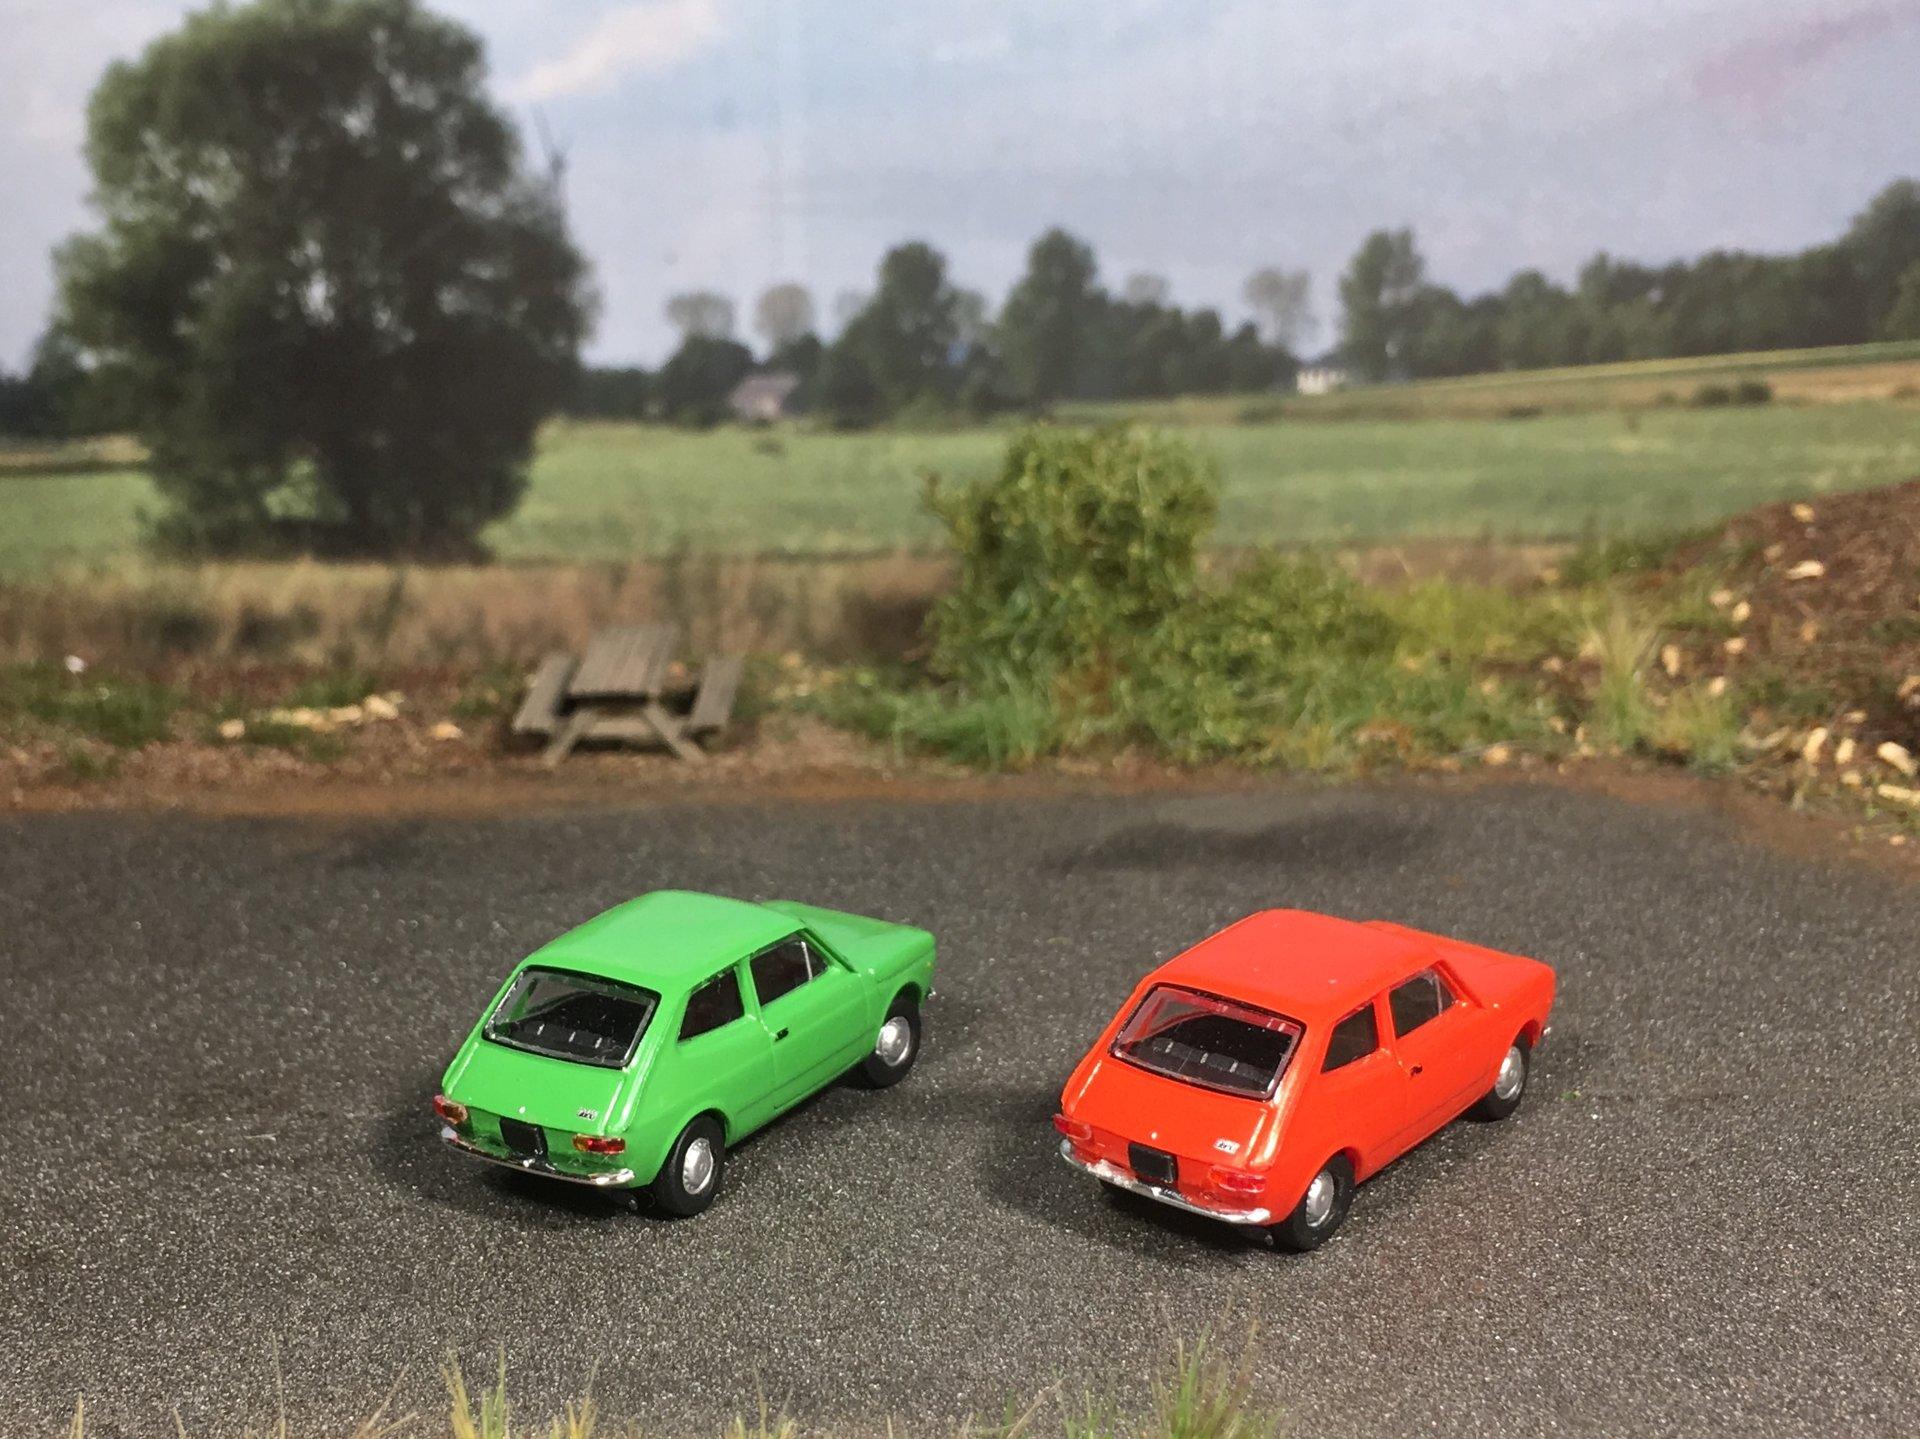 Fiat 127 zielony i czerwony 002.jpg